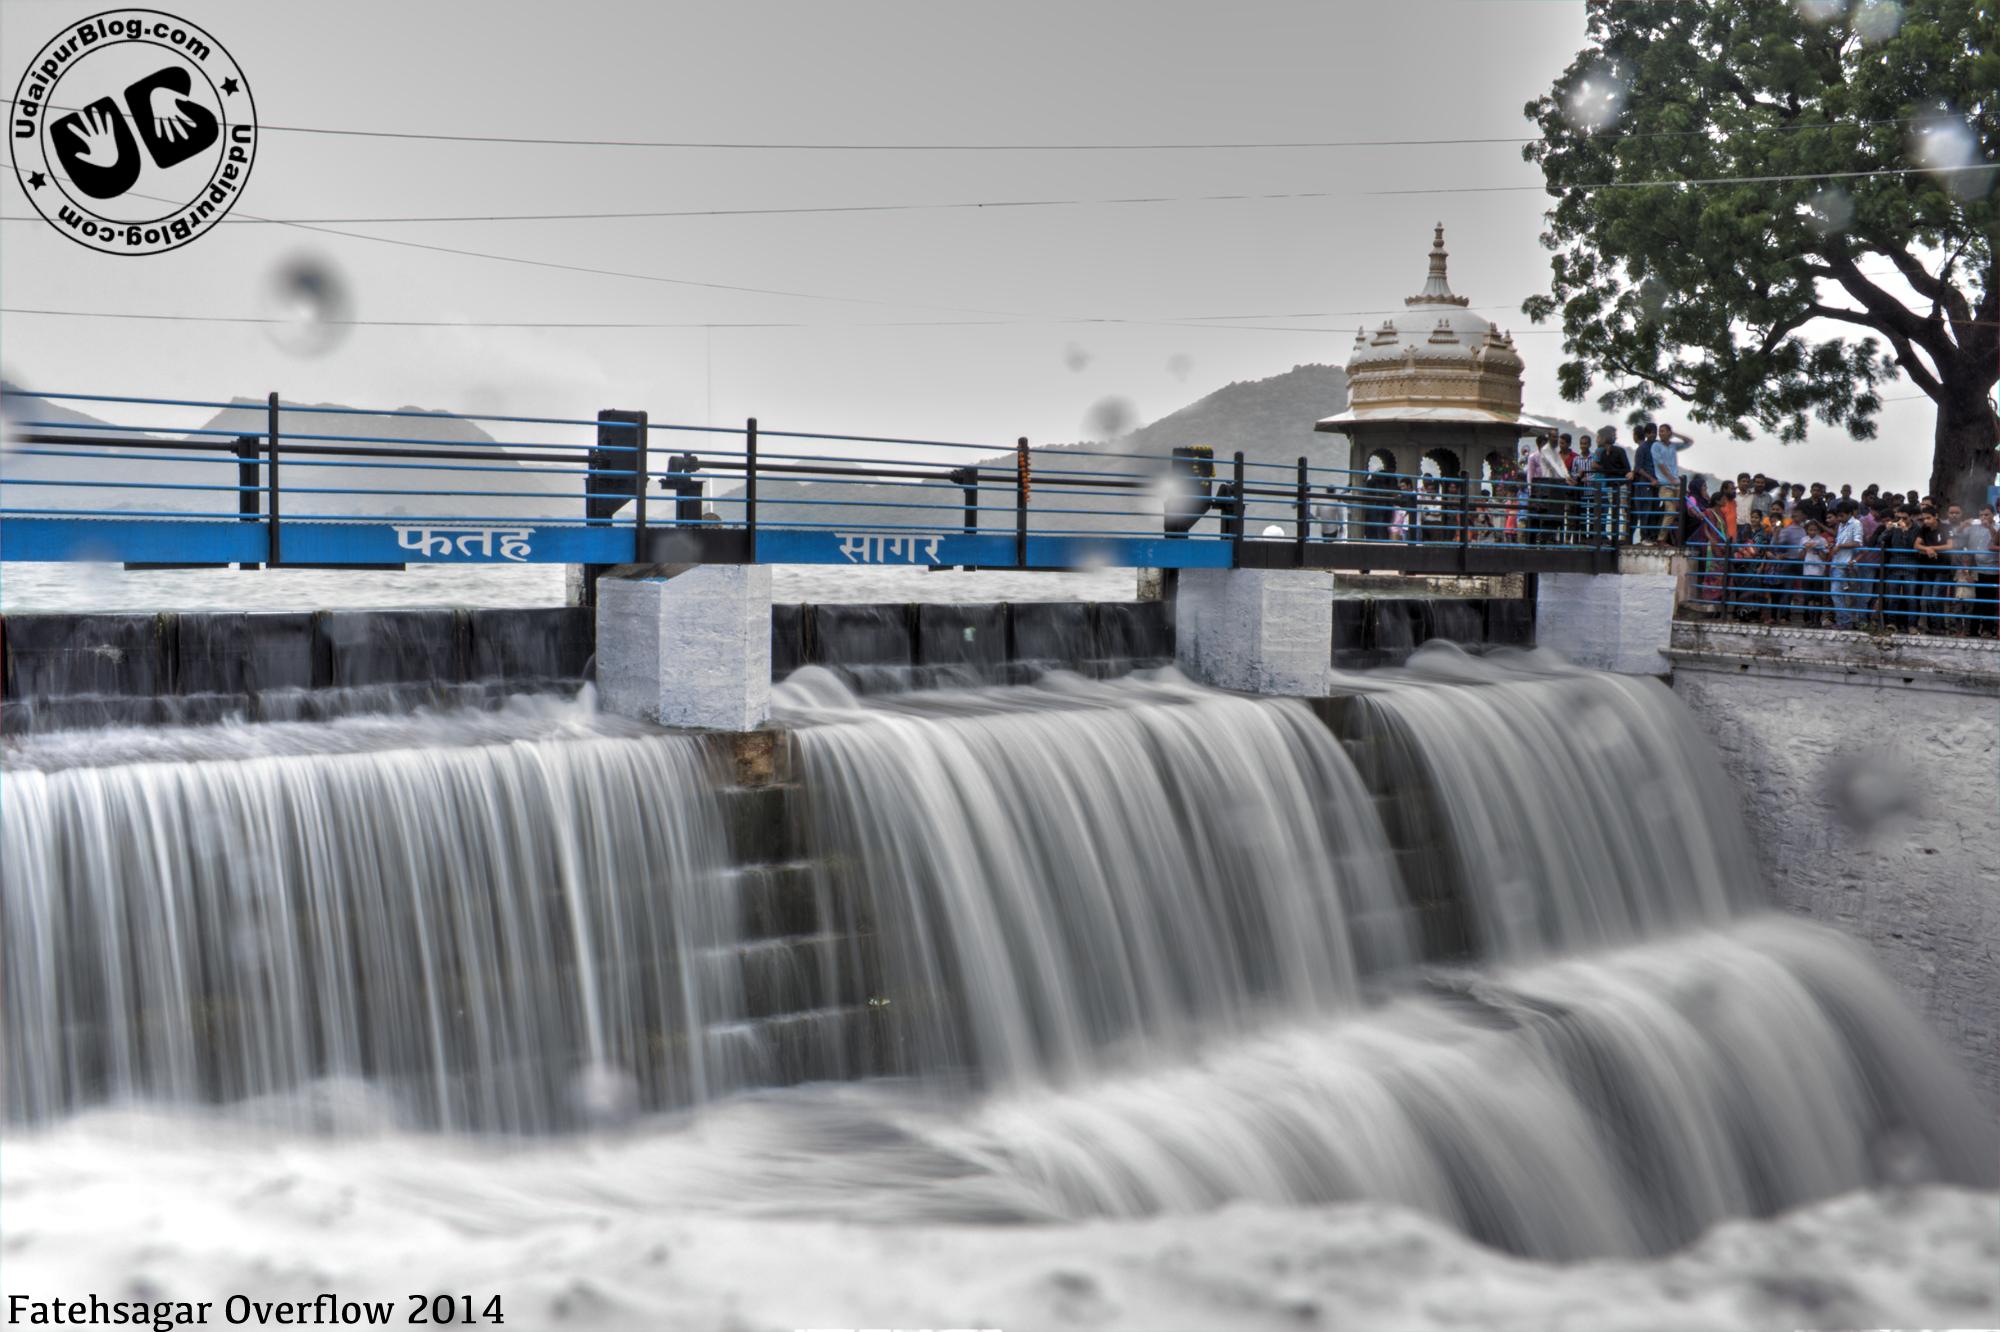 fatehsagar overflow 2014